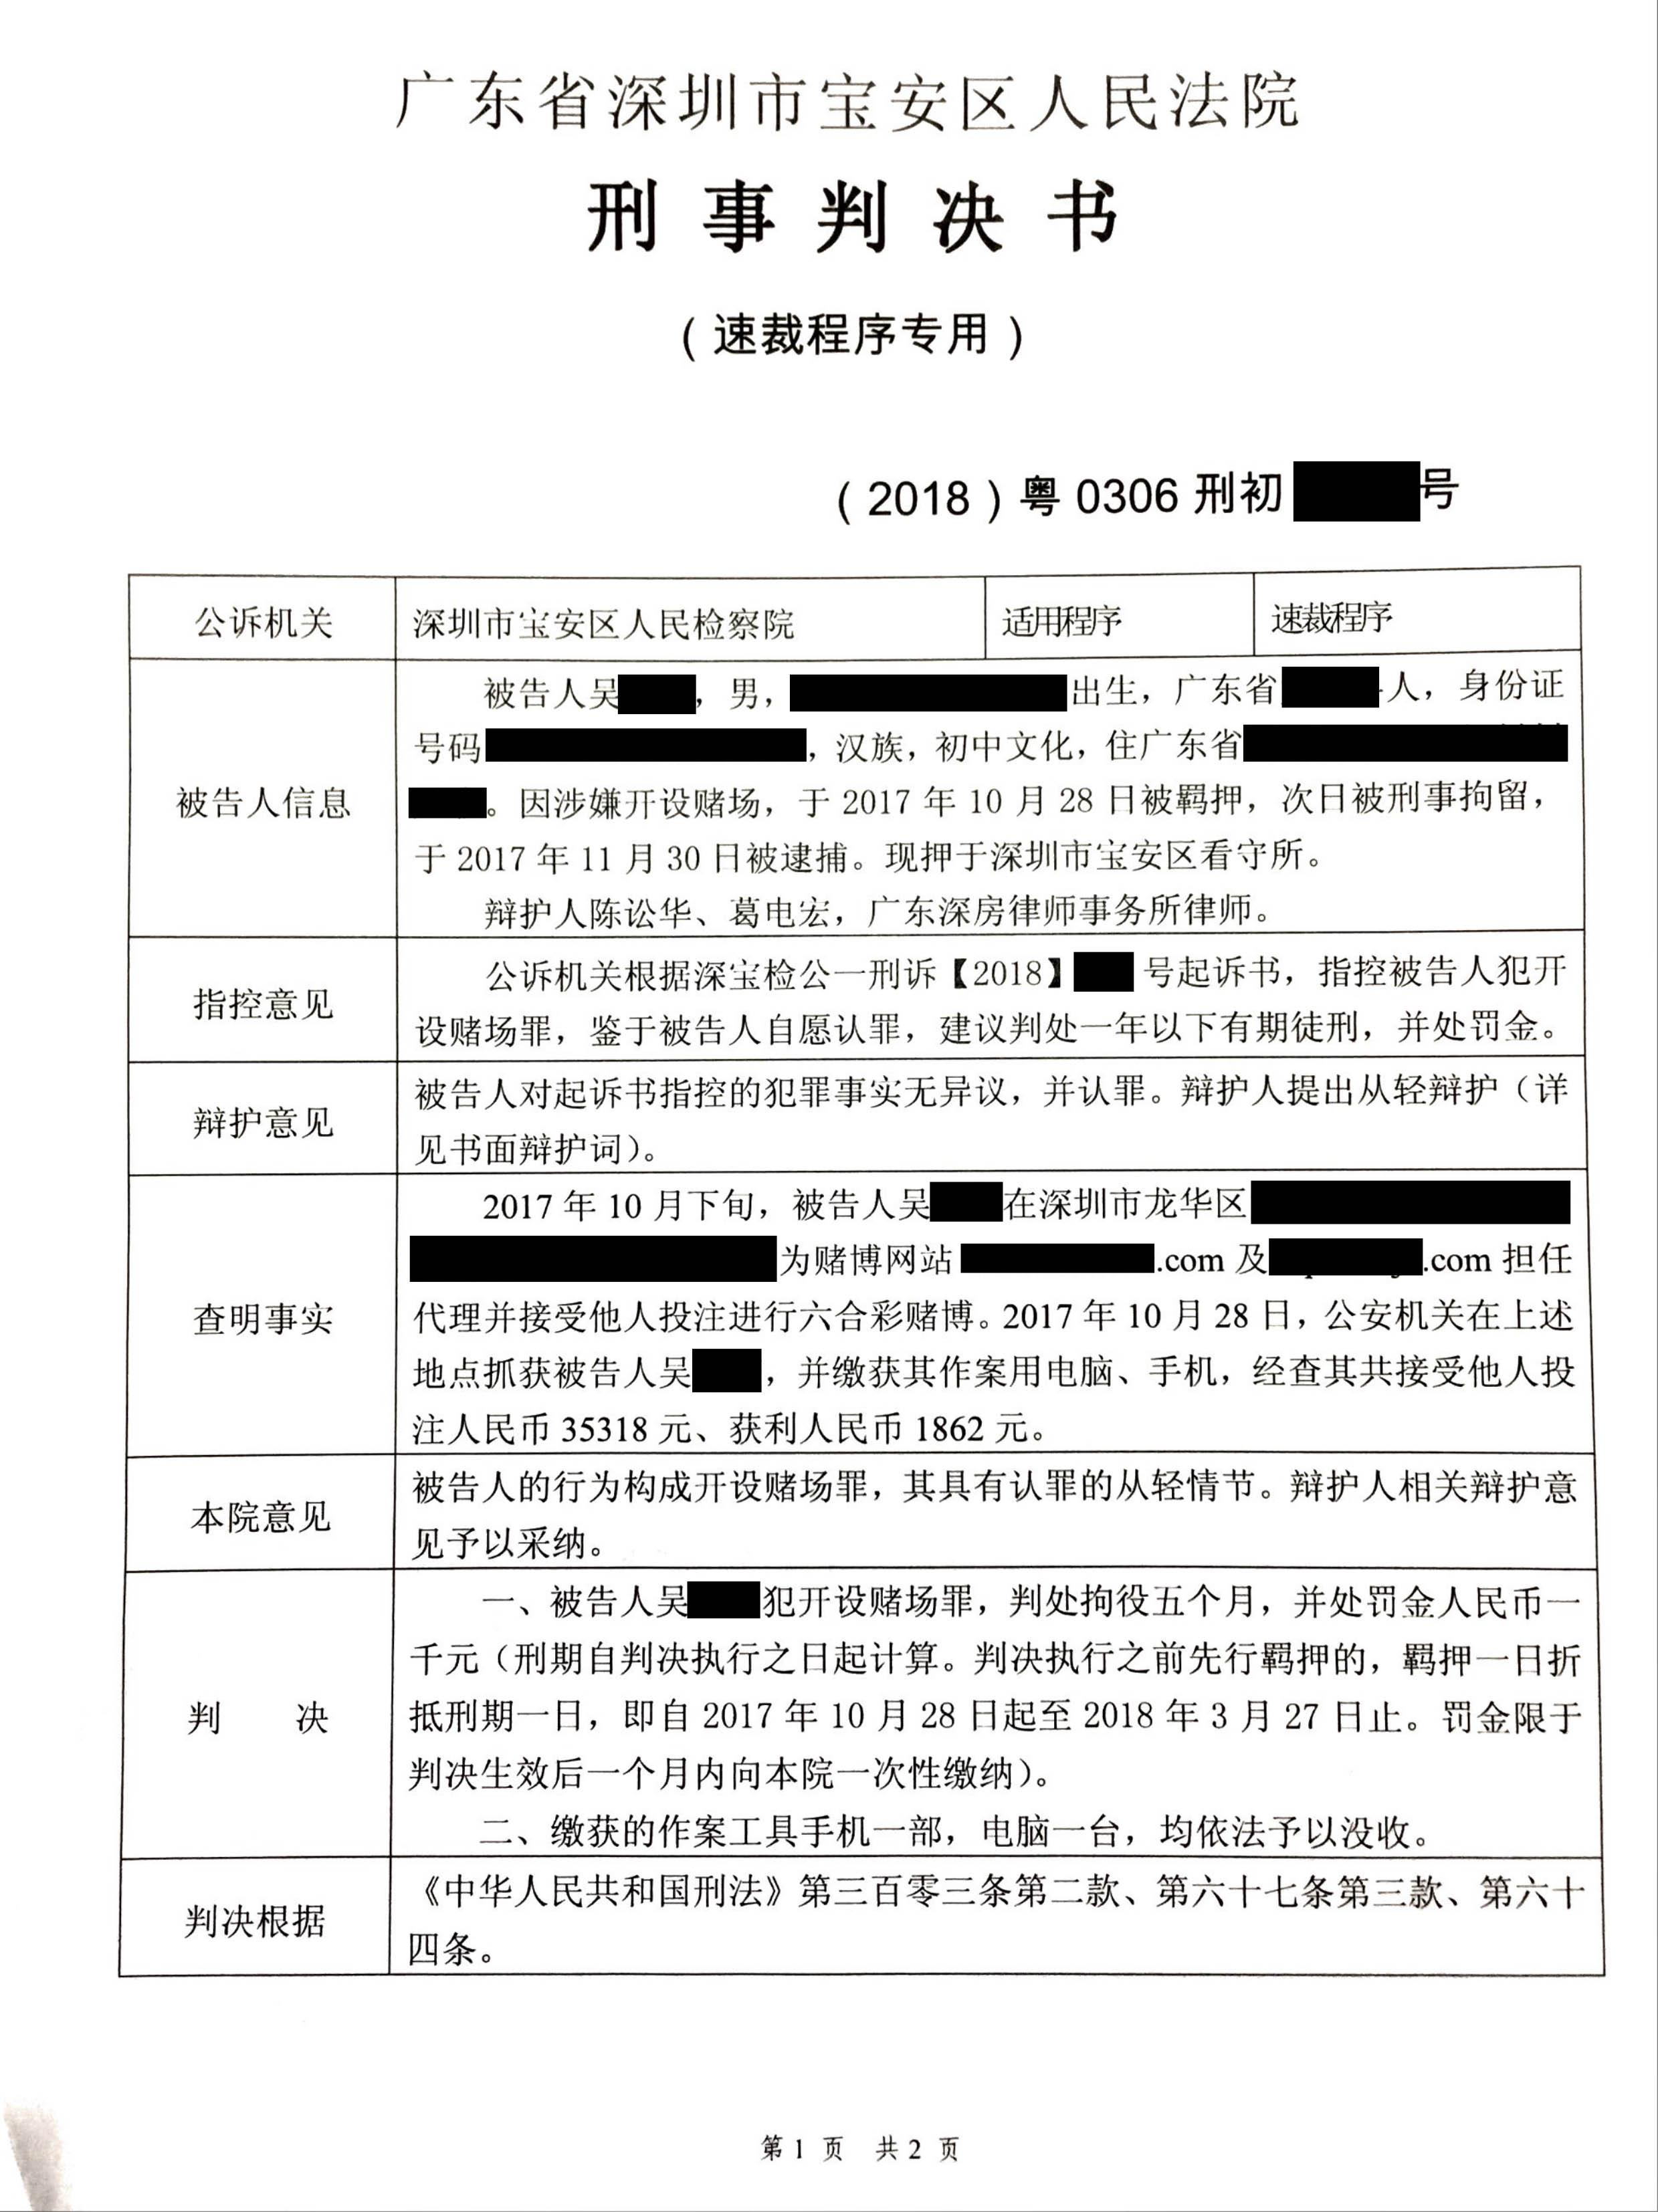 开设赌场罪:公诉机关建议徒刑刑罚,律师辩护终获轻